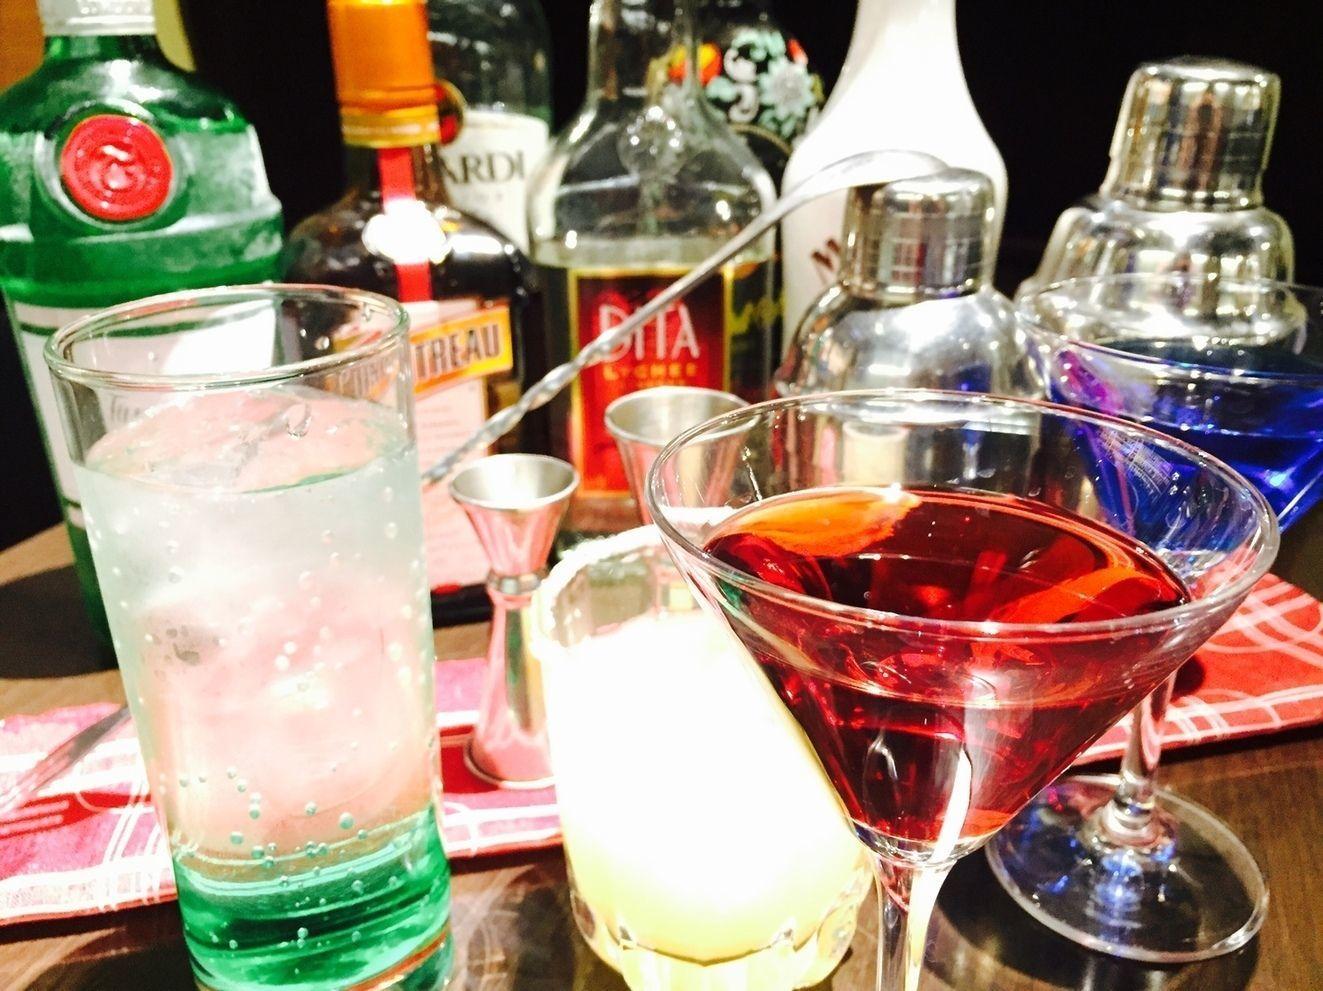 【広島観光必見】おしゃれな夜カフェでディナー!おすすめ10選の画像